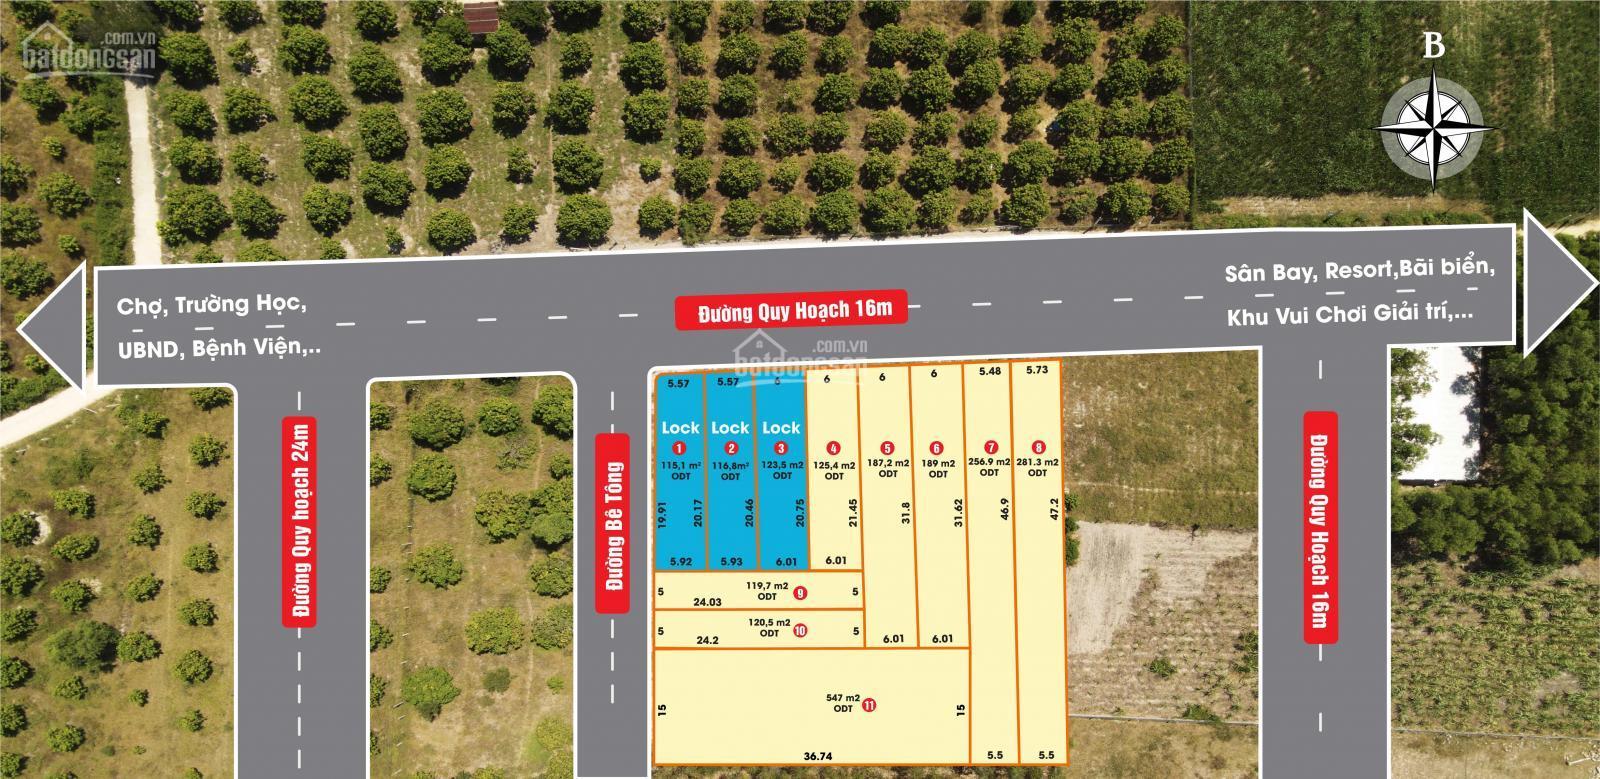 Lô đất ở đô thị - Nghĩa Phú, Cam Nghĩa, Cam Ranh giá đầu tư chỉ từ 5,5tr/m2 - LH 0396469933